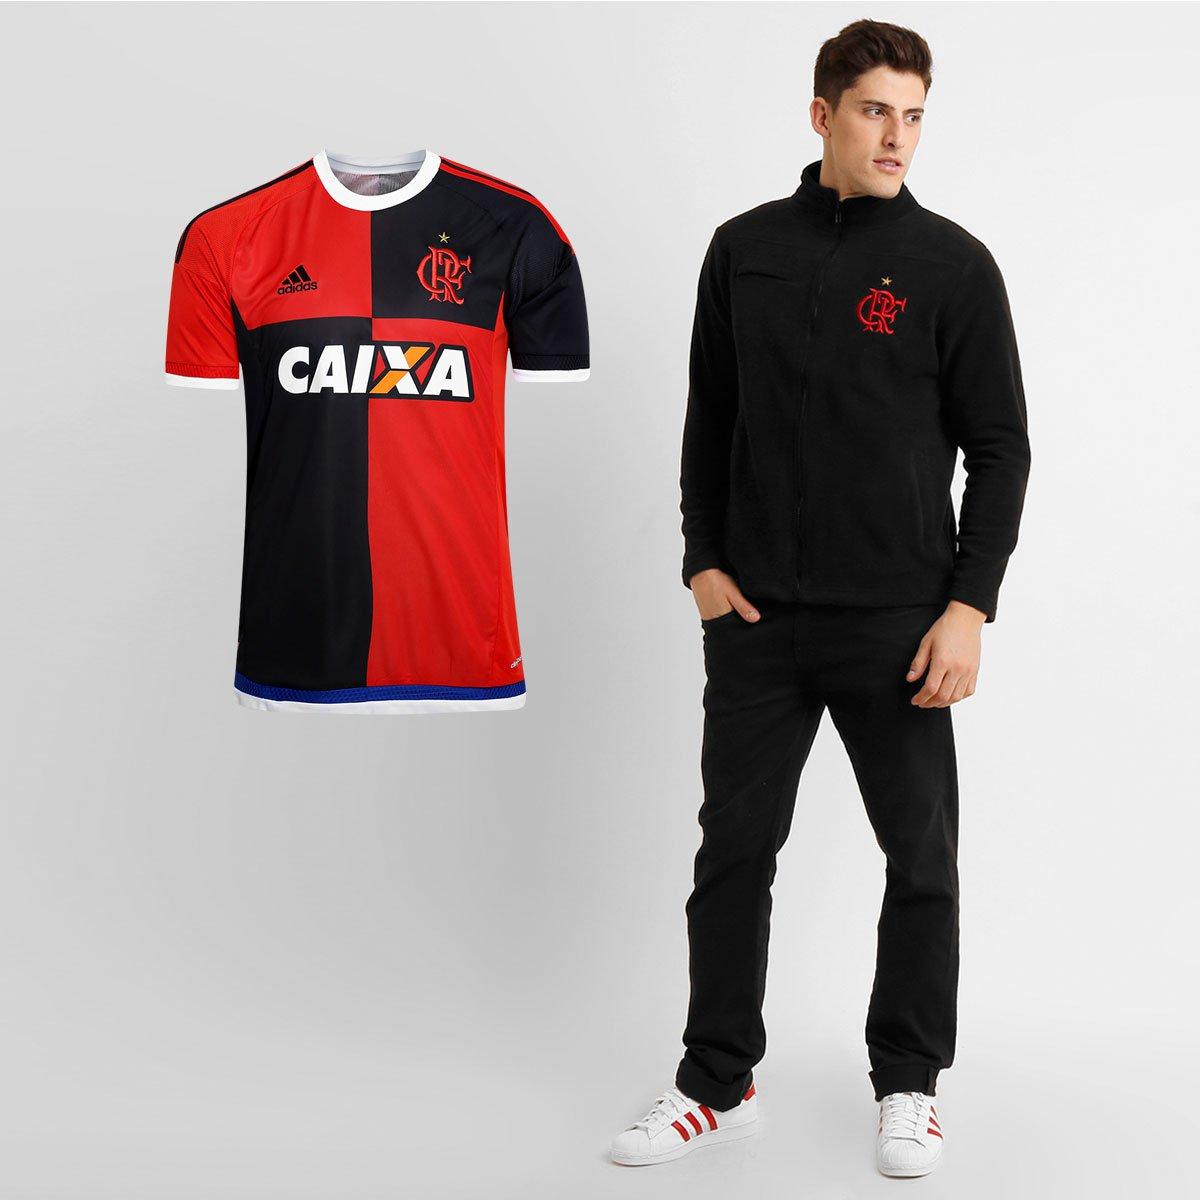 Kit Flamengo - Camisa Adidas Flamengo 450 Anos + Jaqueta Alasca - Compre  Agora  970a1f1ba6590